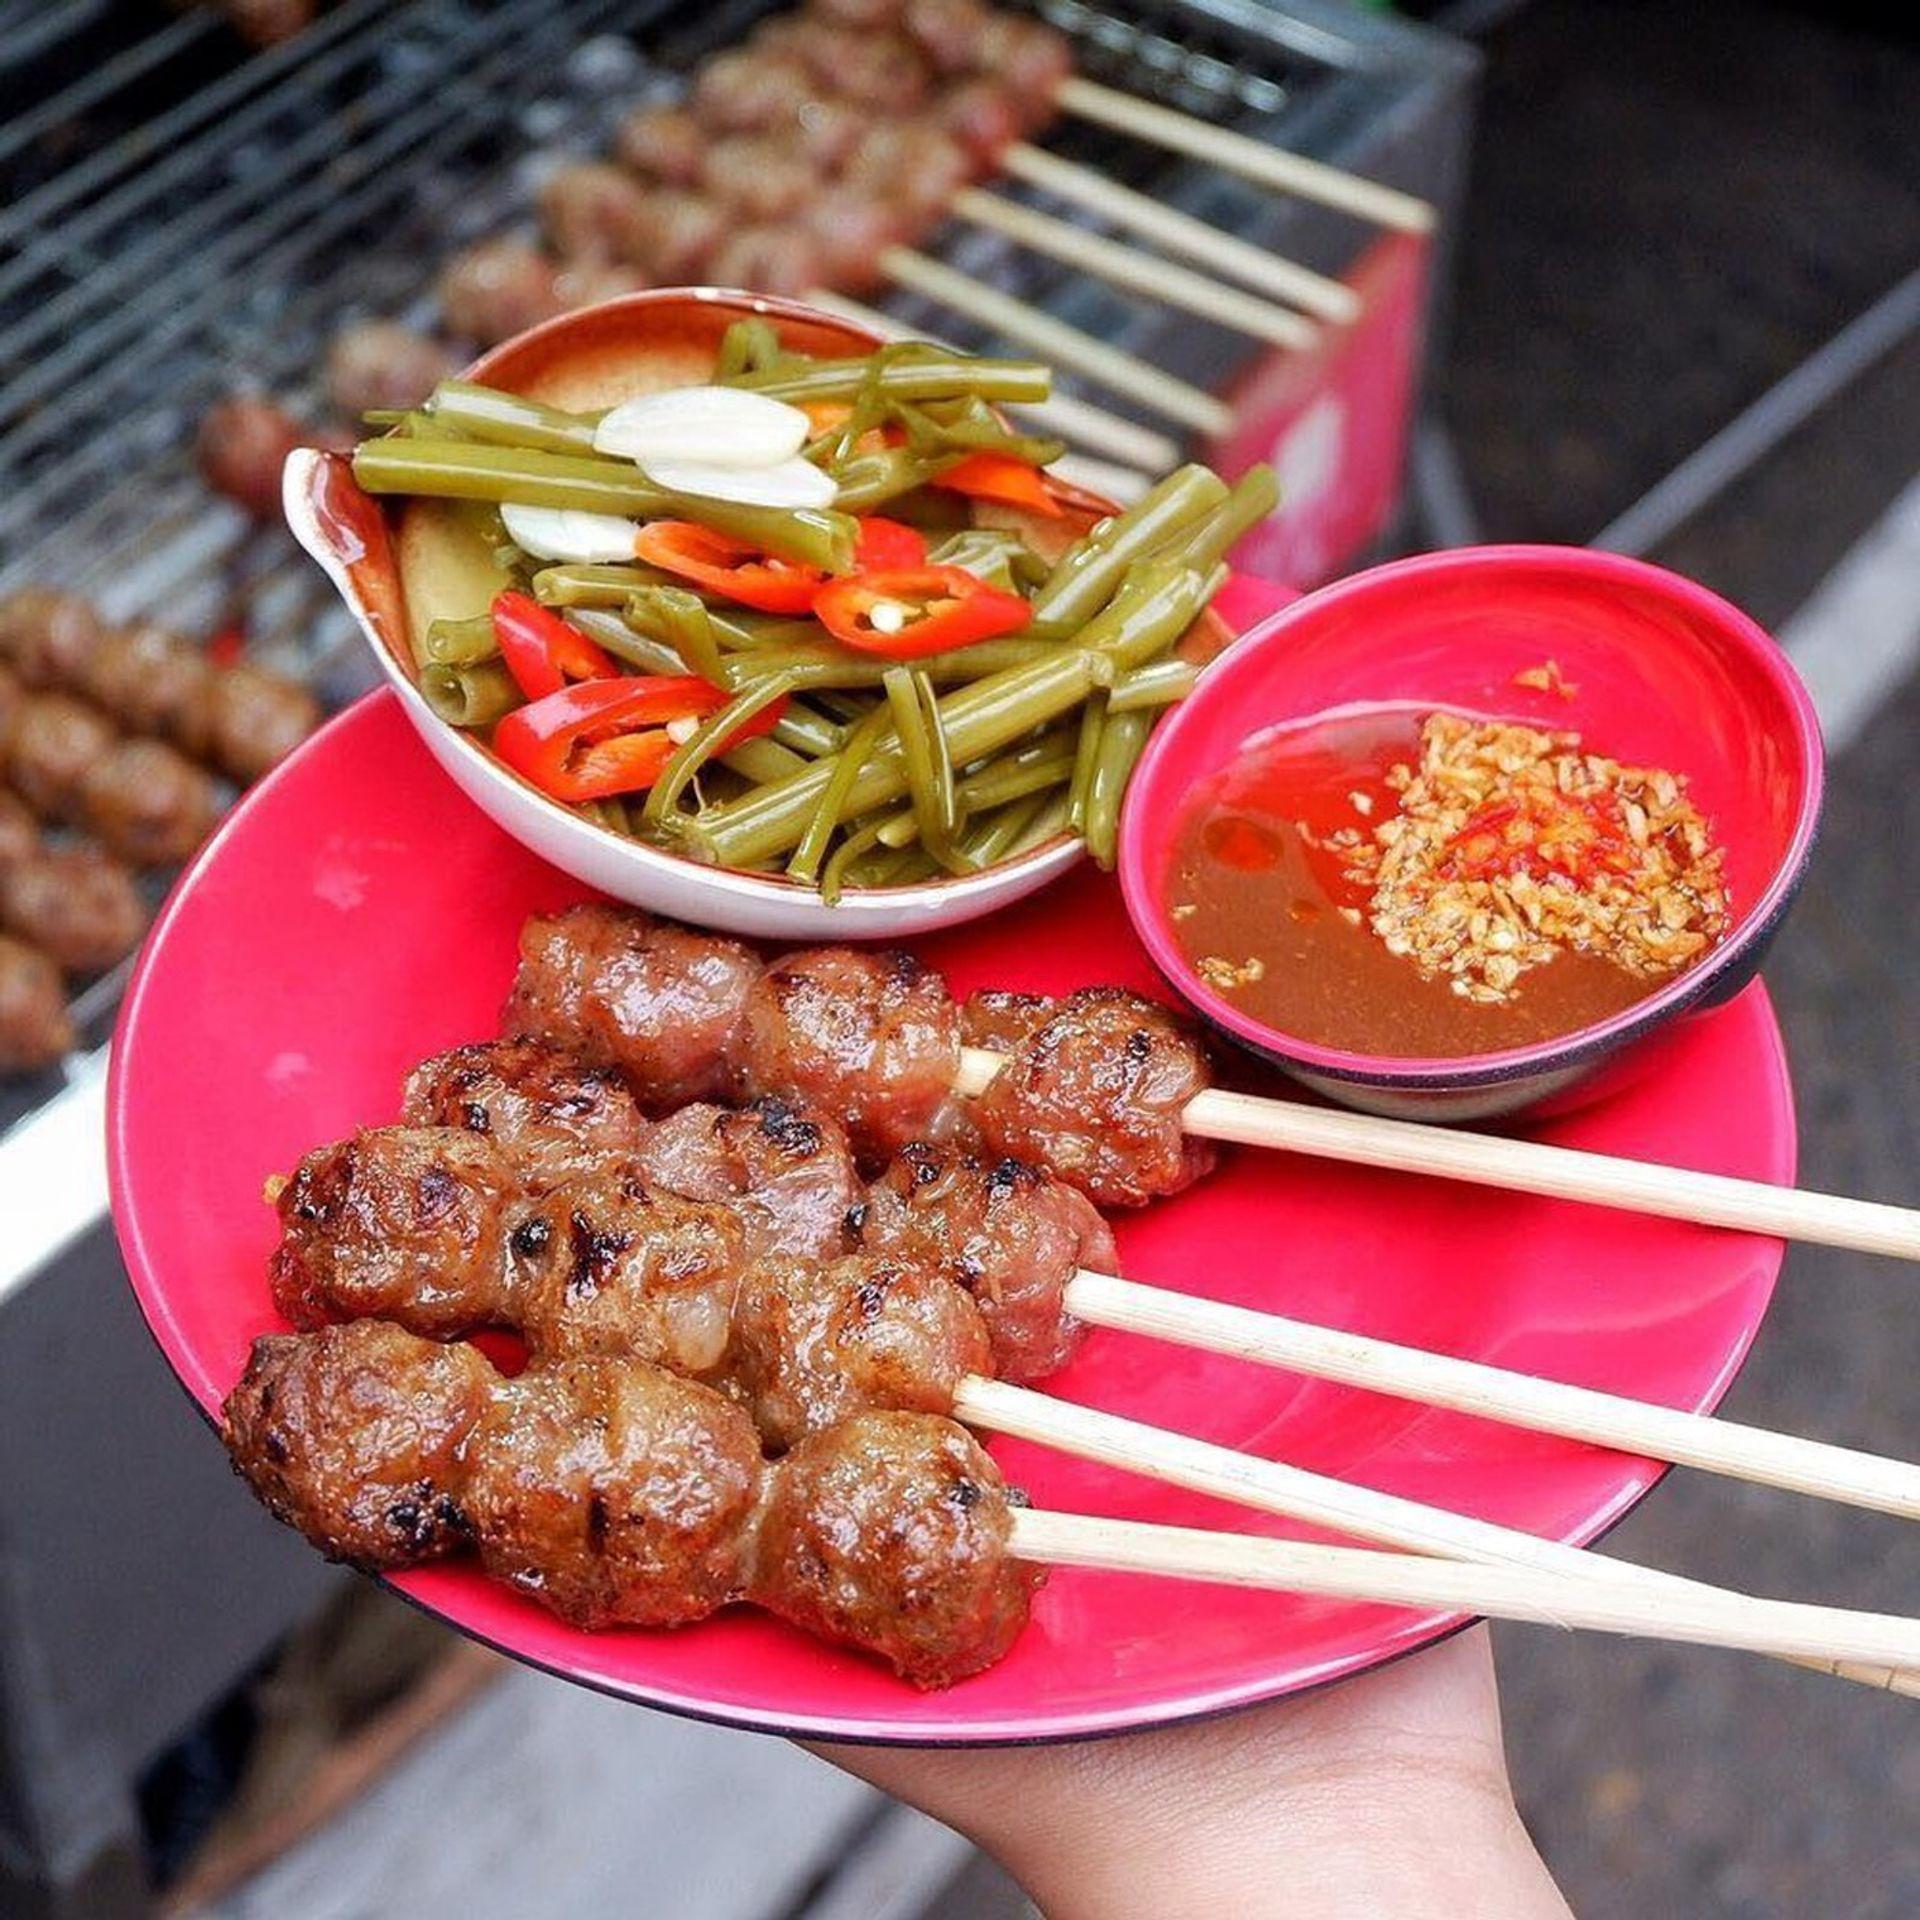 Nem nướng là một ăn vặt ngon nổi tiếng ở Cần Thơ